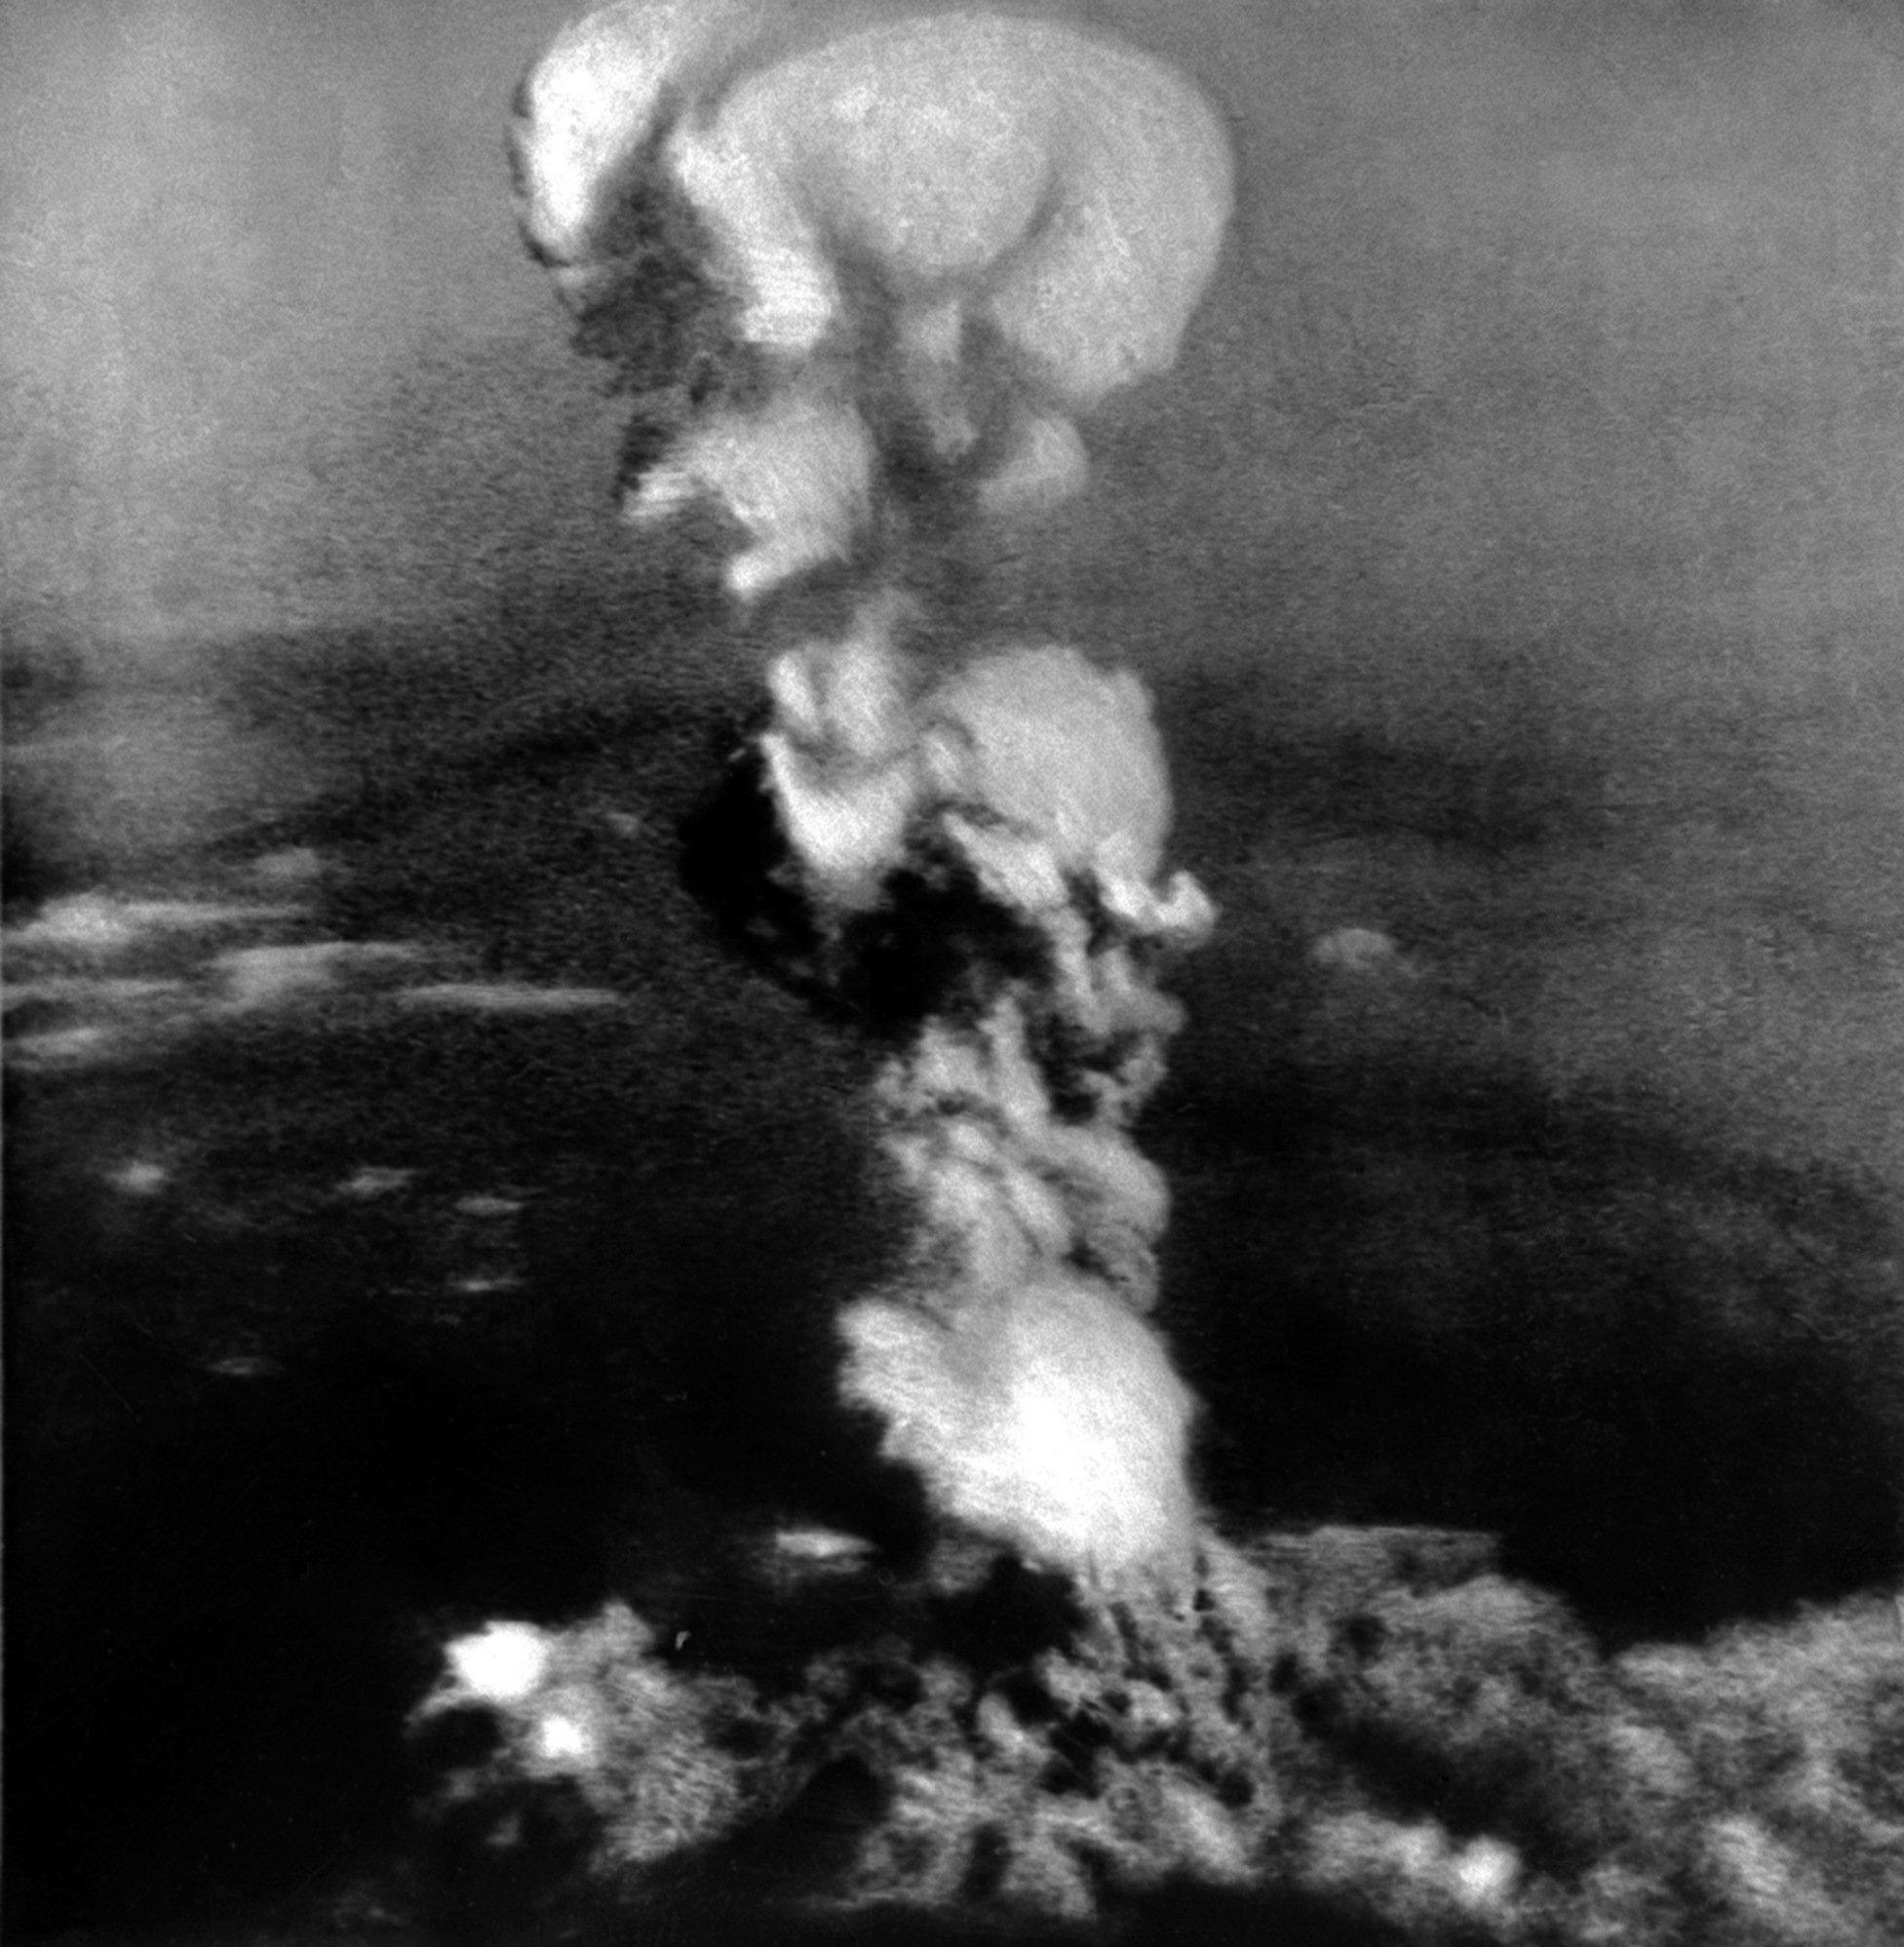 La explosión de la bomba atómica sobre Hiroshima